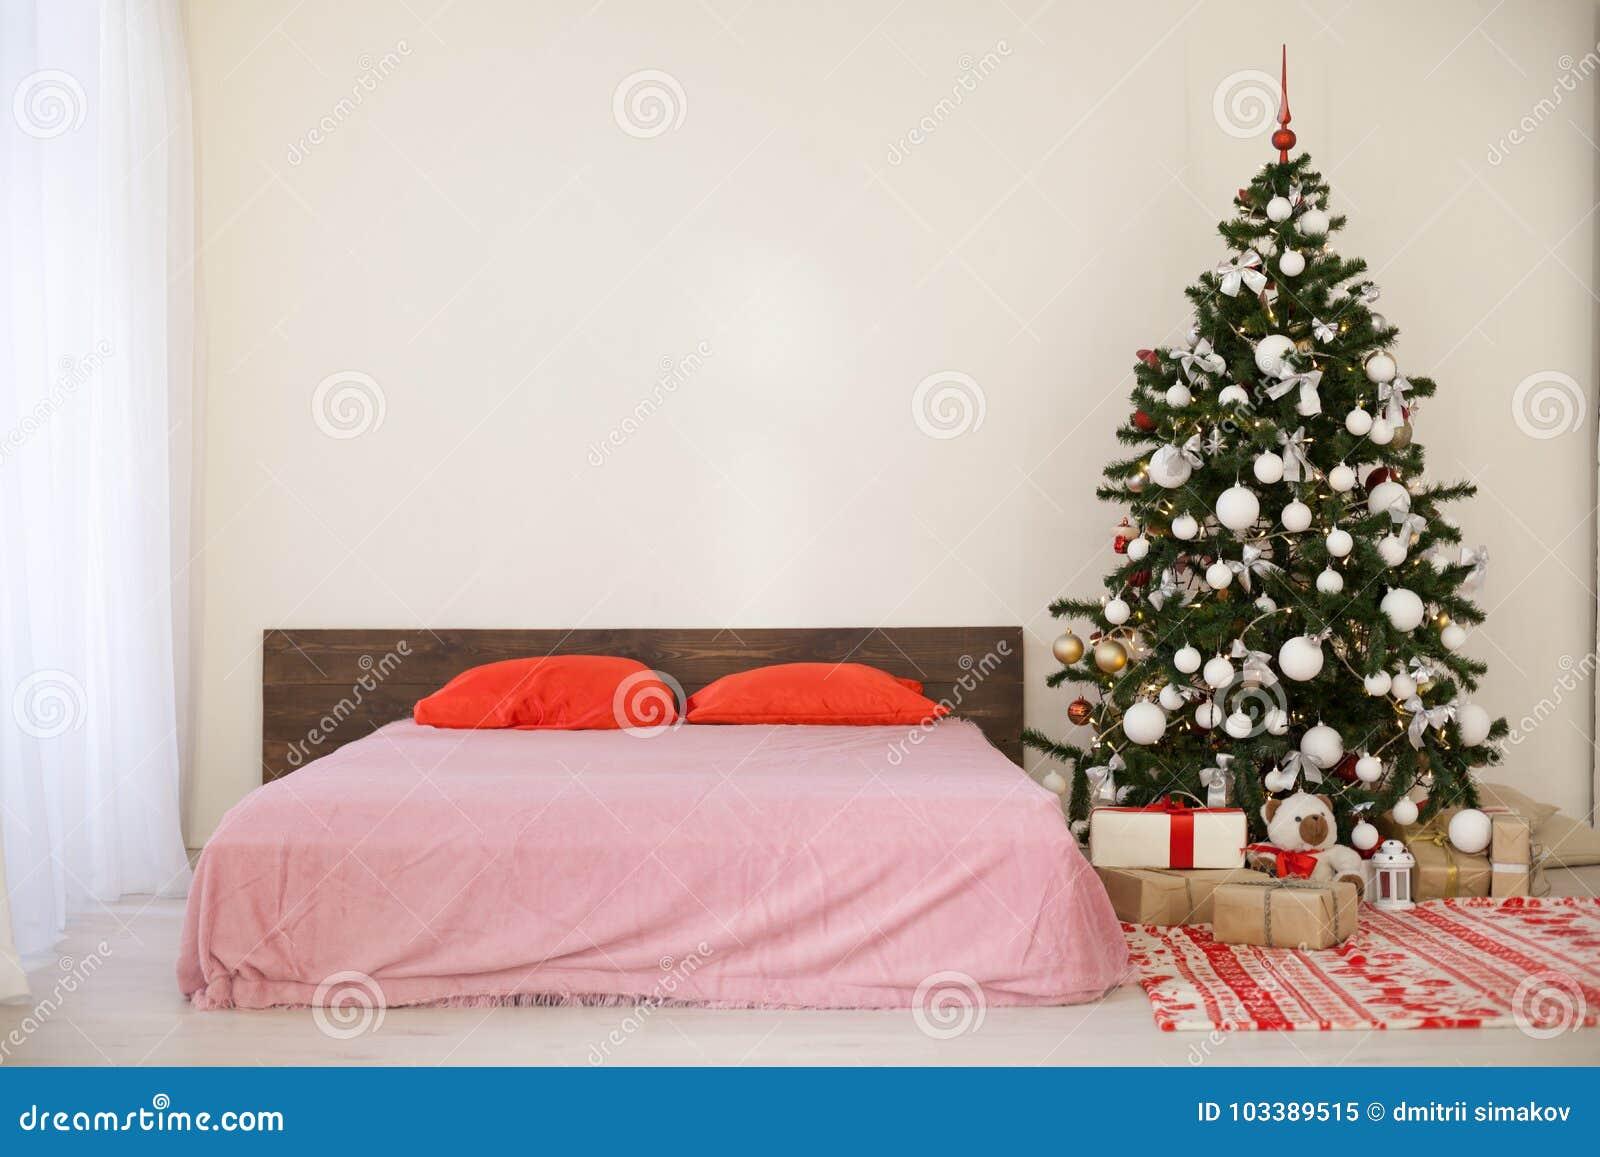 Decorazioni Natalizie Per La Camera camera da letto con il letto della decorazione dell'albero